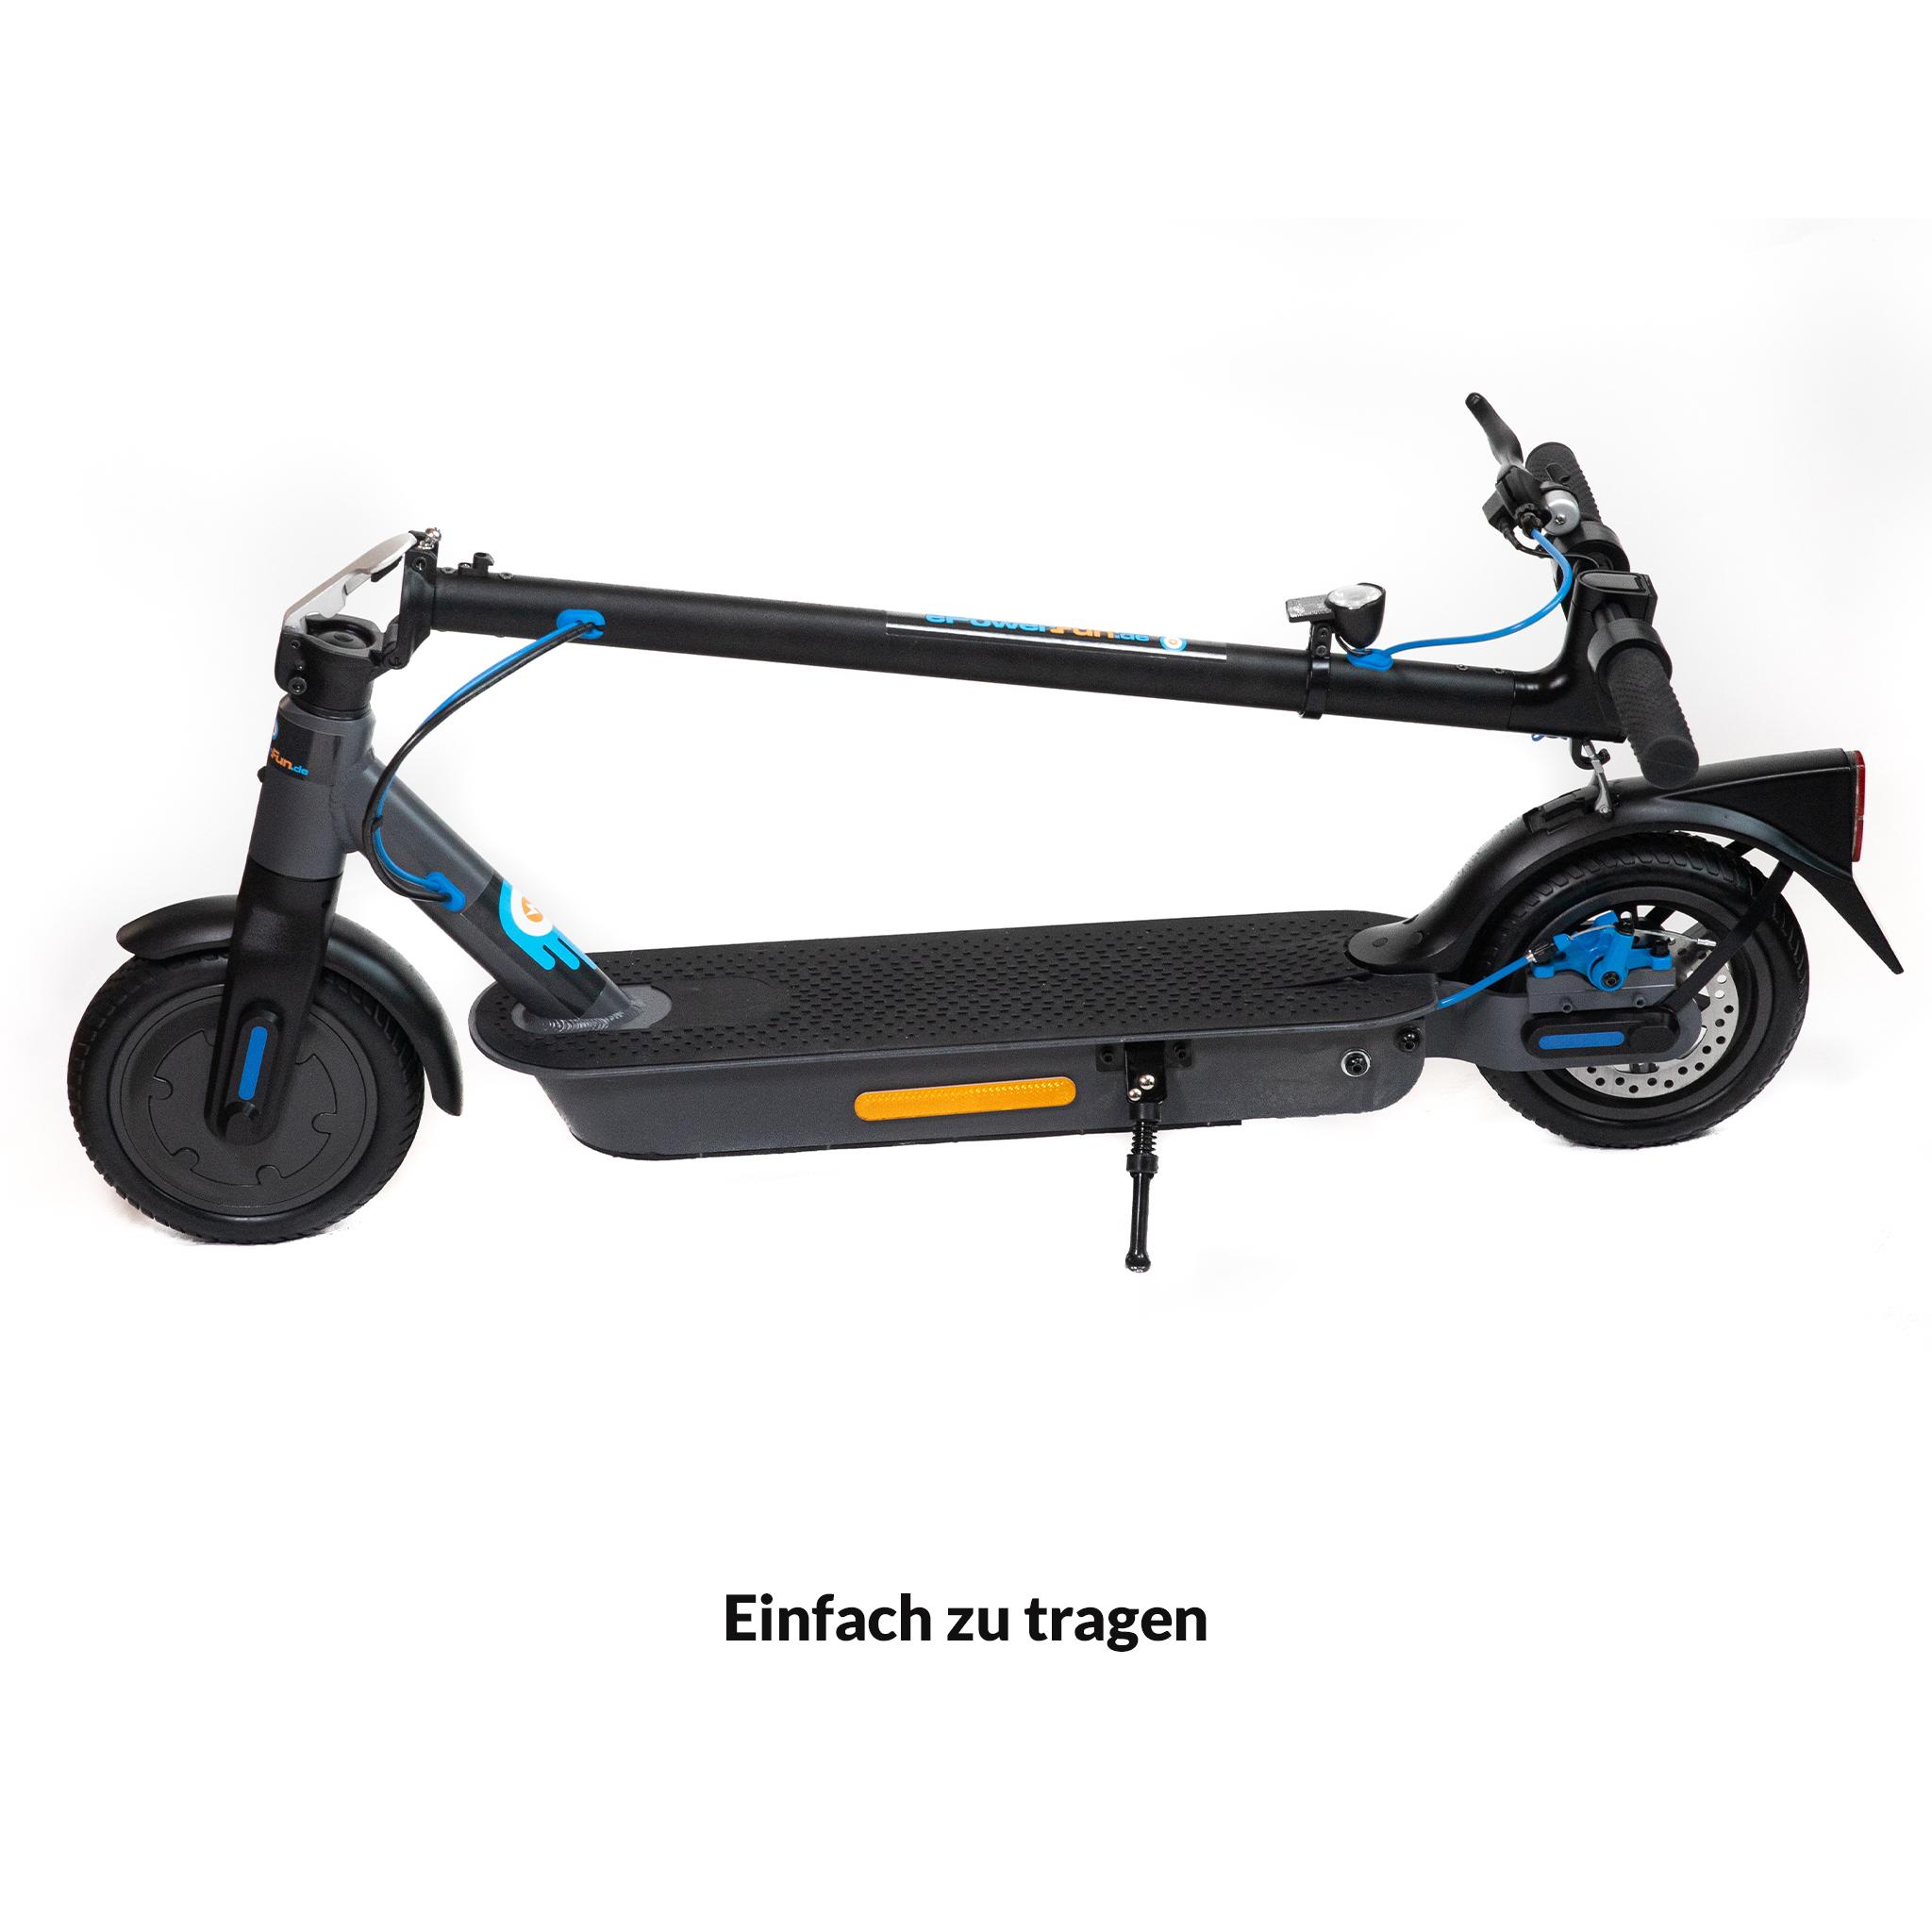 E-Scooter ePF-1 mit Straßenzulassung (ABE¹)!